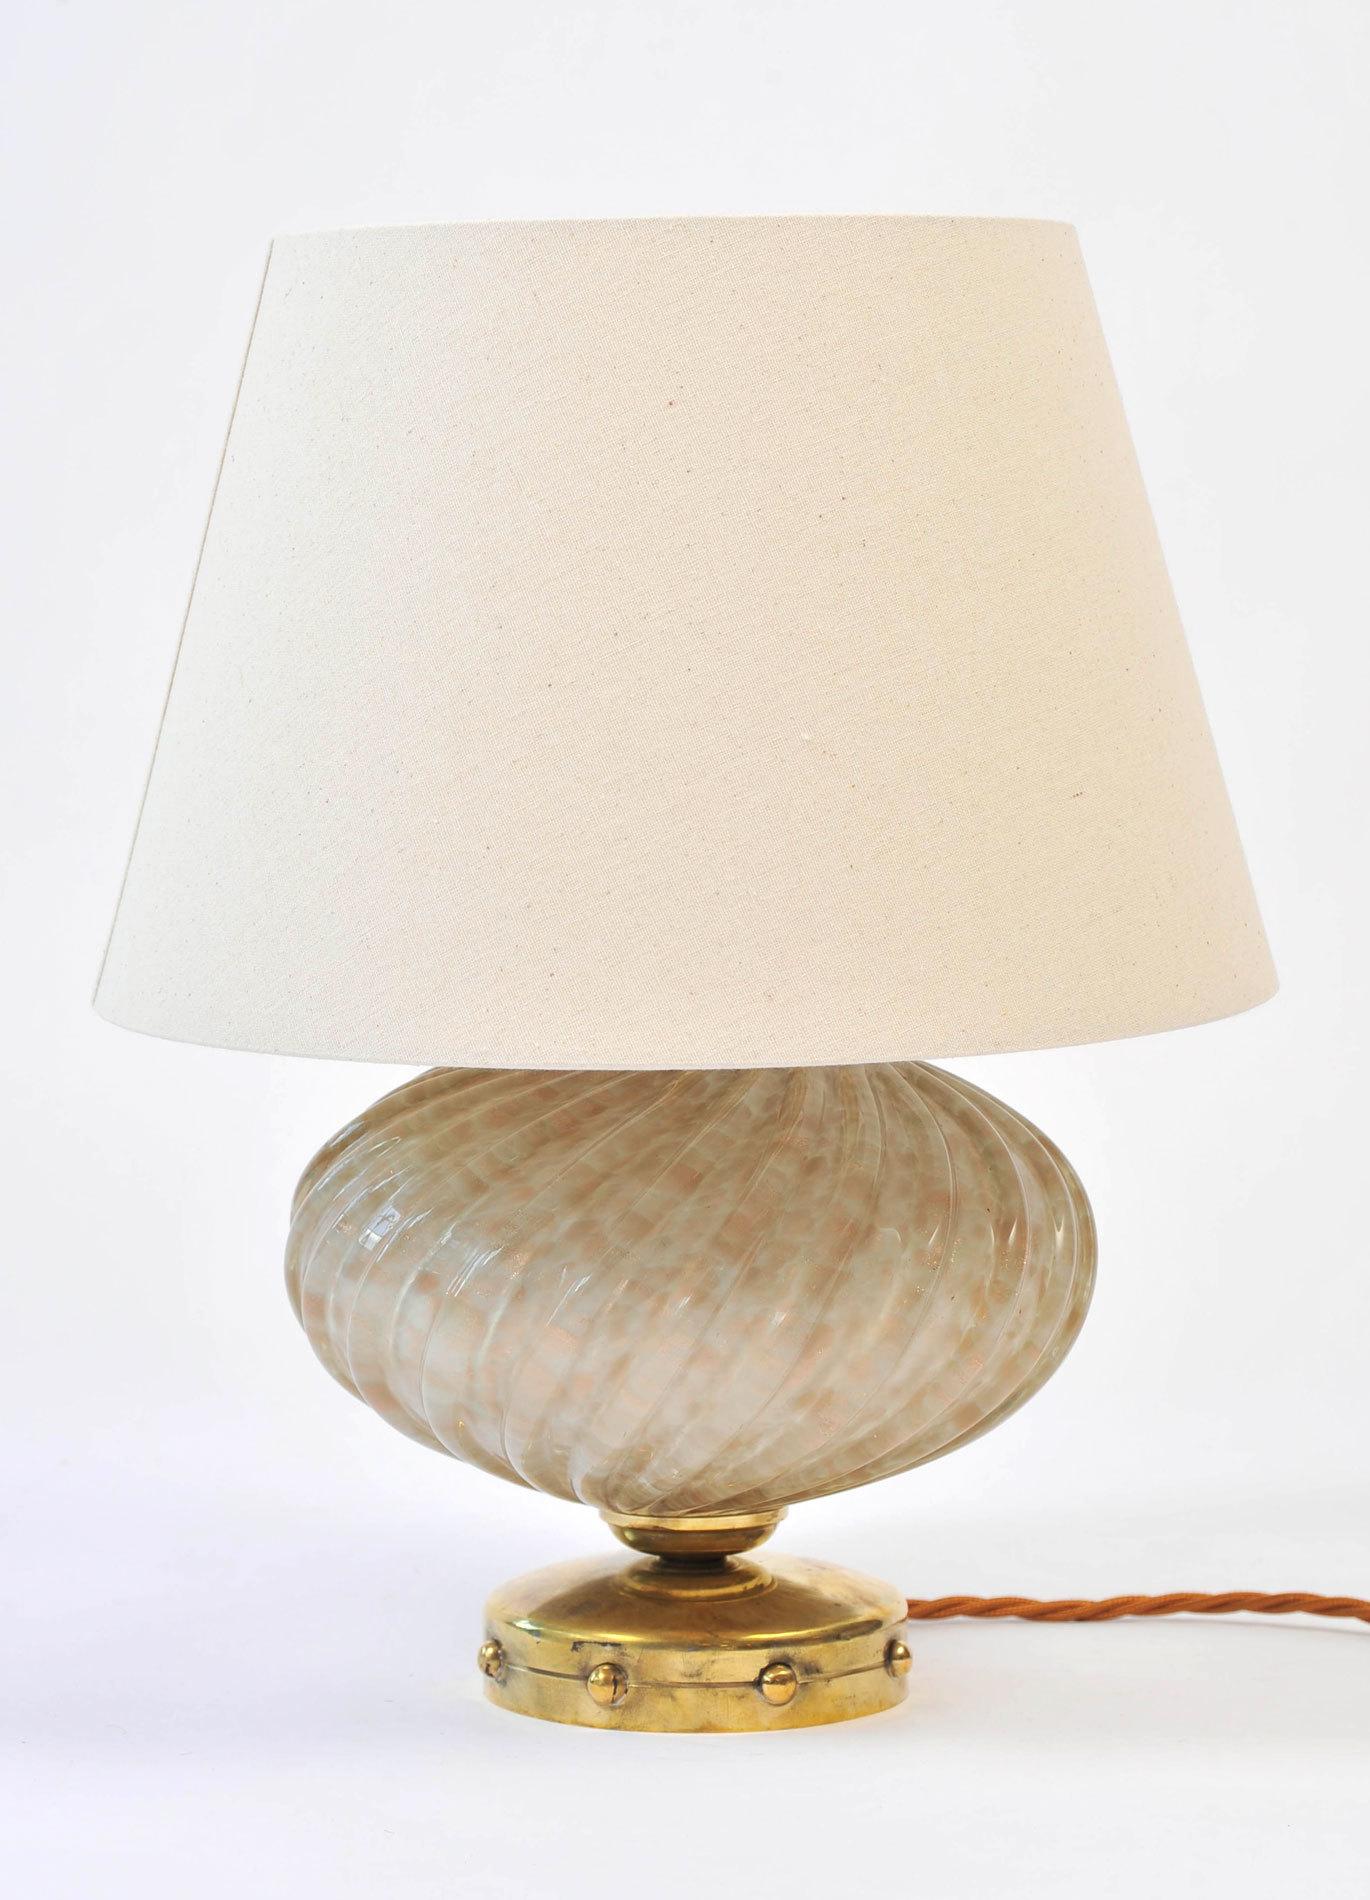 Pair Of Turban Lamps 02